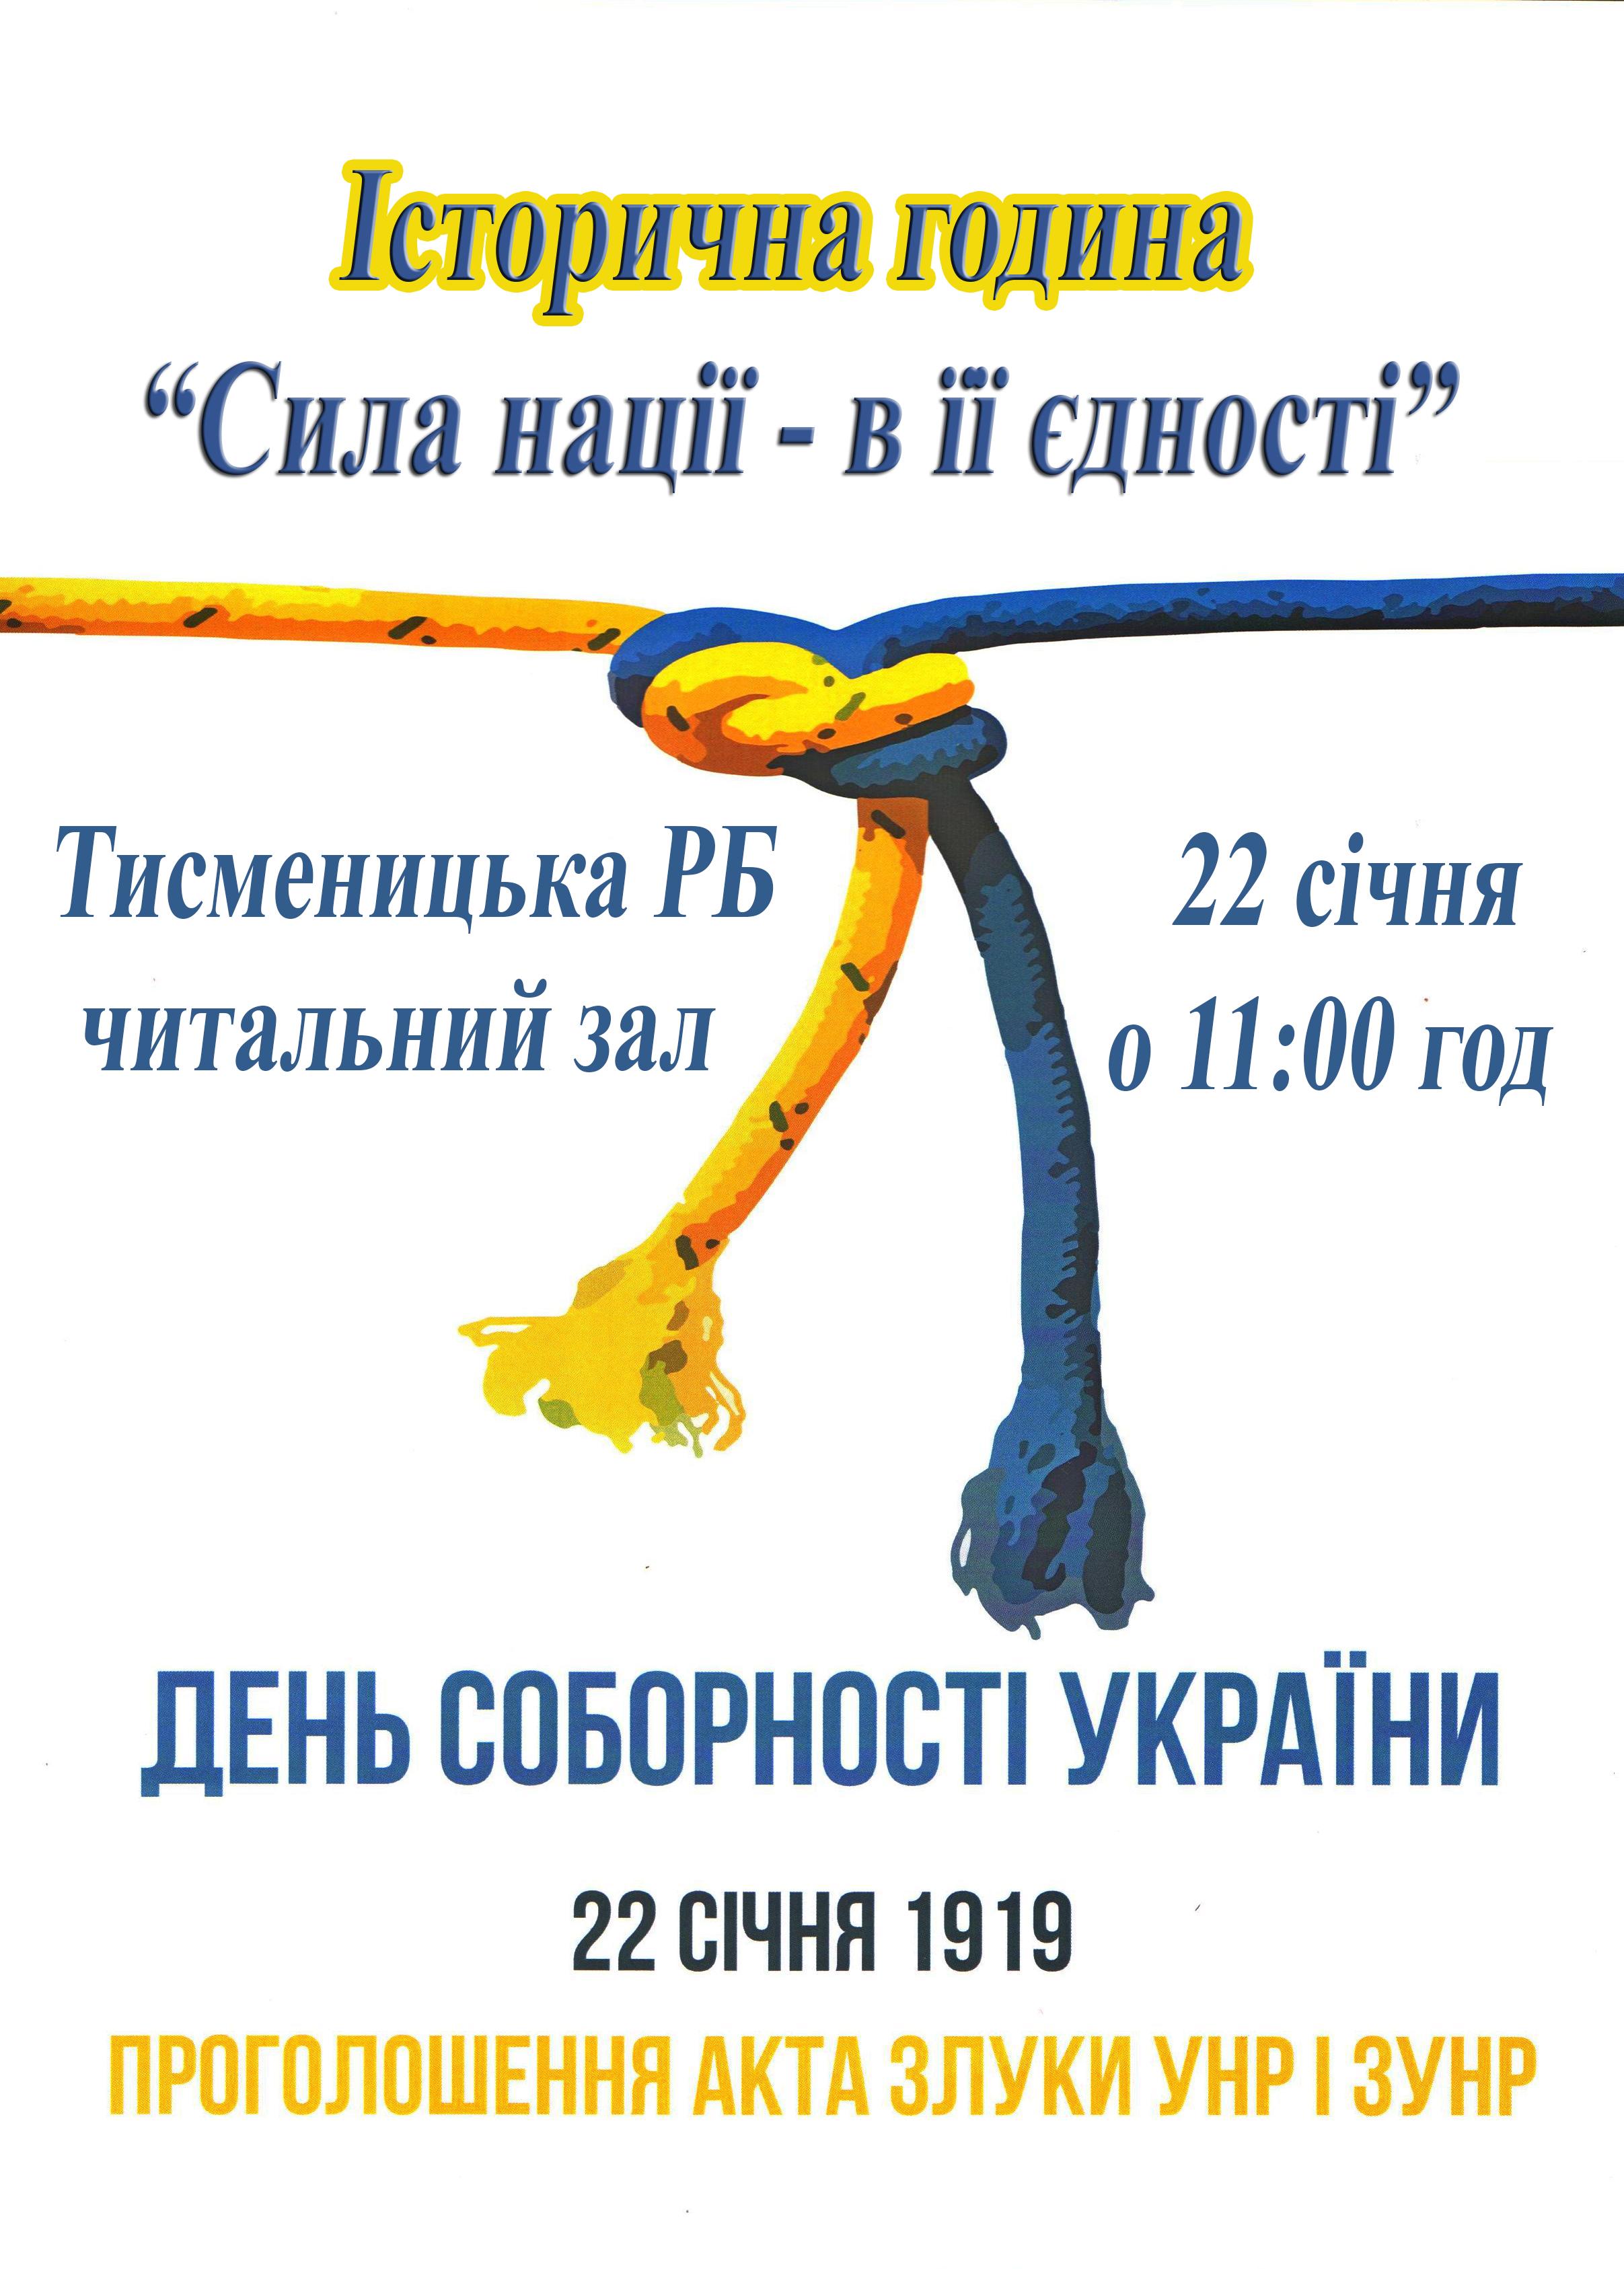 http://tismenitsa.if.ua - Сайт Тисменицької центральної районої бібліотеки